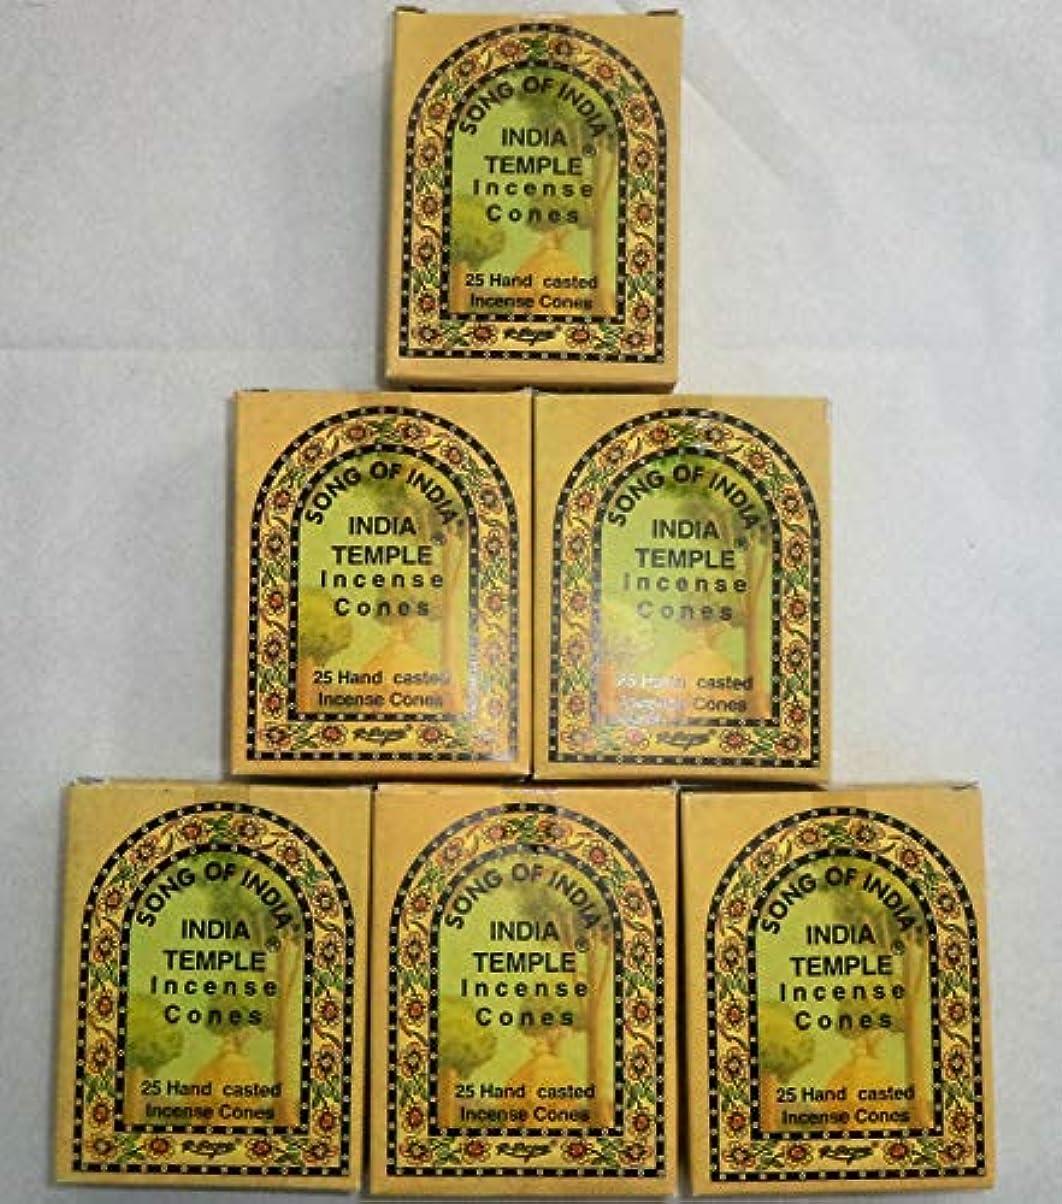 インペリアル首謀者エピソードSong of India Temple Cone Incense, 6 x 25 Cone Pack, 150 Cones Total